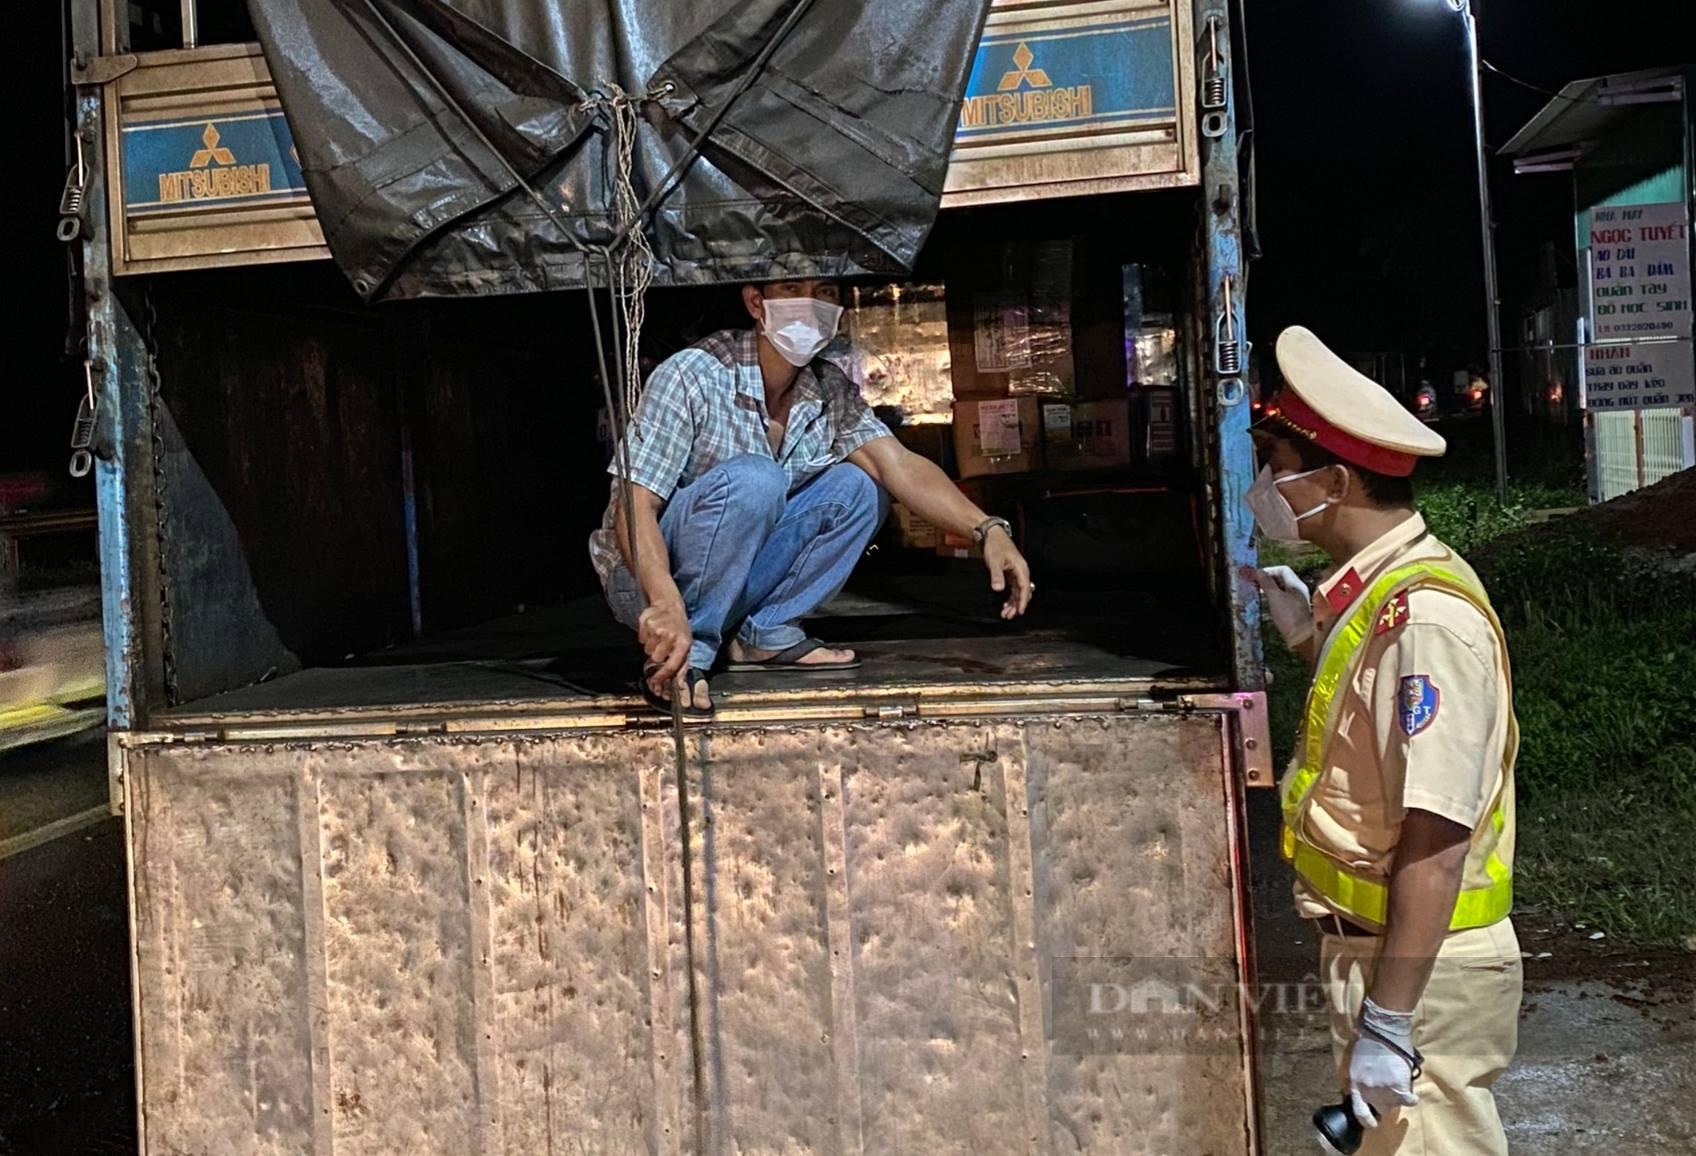 Đắk Nông: Xử phạt tài xế và người trốn trên thùng xe để trốn chốt kiểm soát dịch Covid-19 - Ảnh 2.